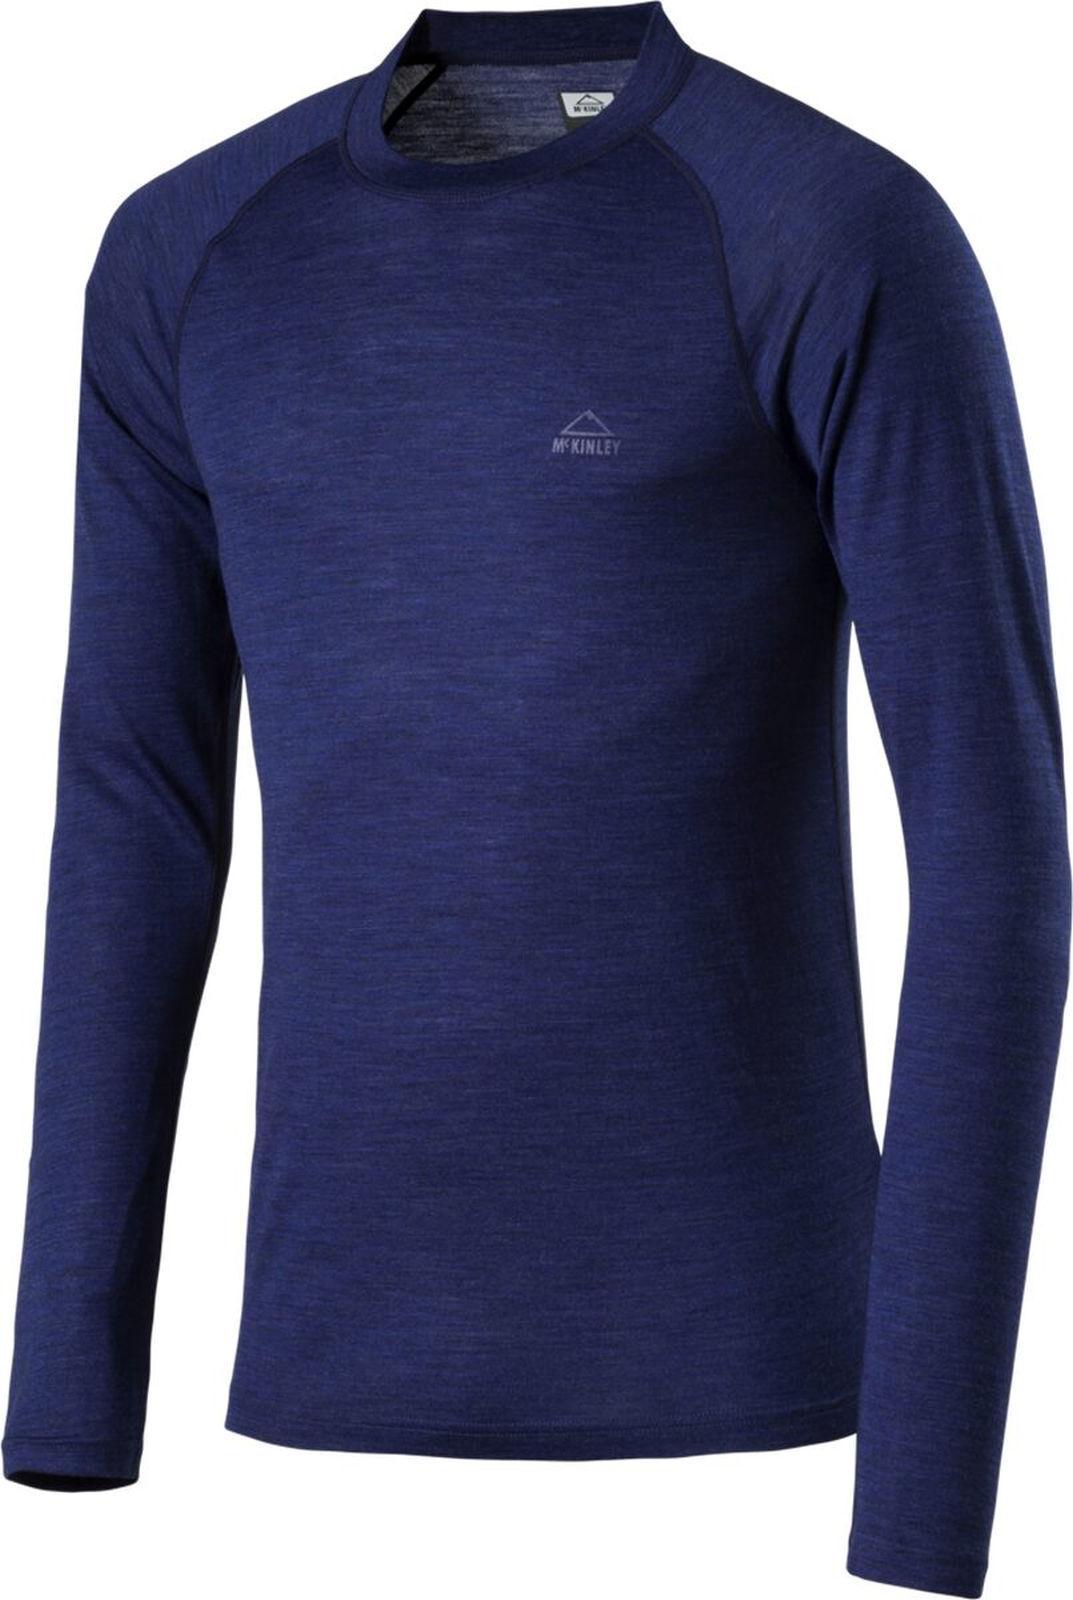 Patagonia Damen Button Down Pullover Kaputzenhemd Isolierte Jacke Bergsteigen & Klettern M